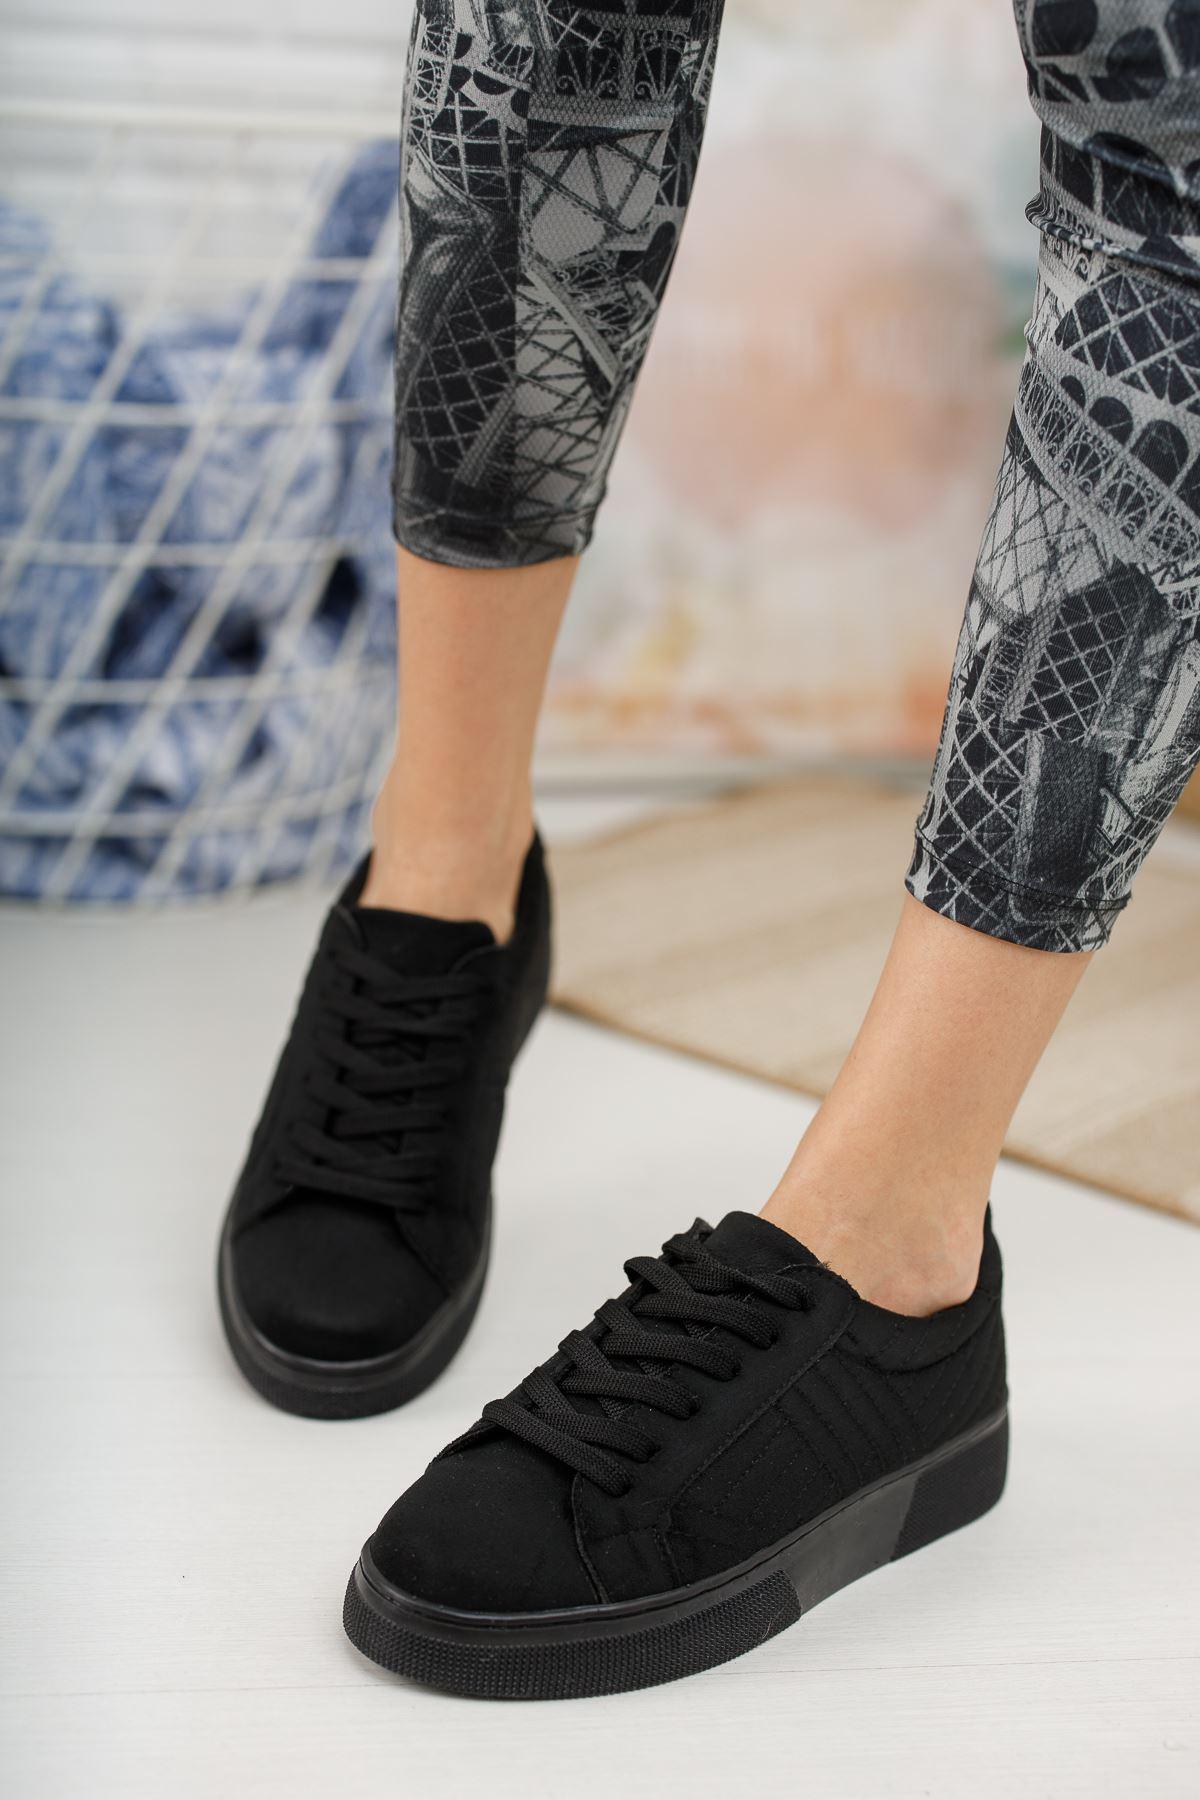 Marita Kapitoneli Bağcıklı Siyah Süet Spor Ayakkabı